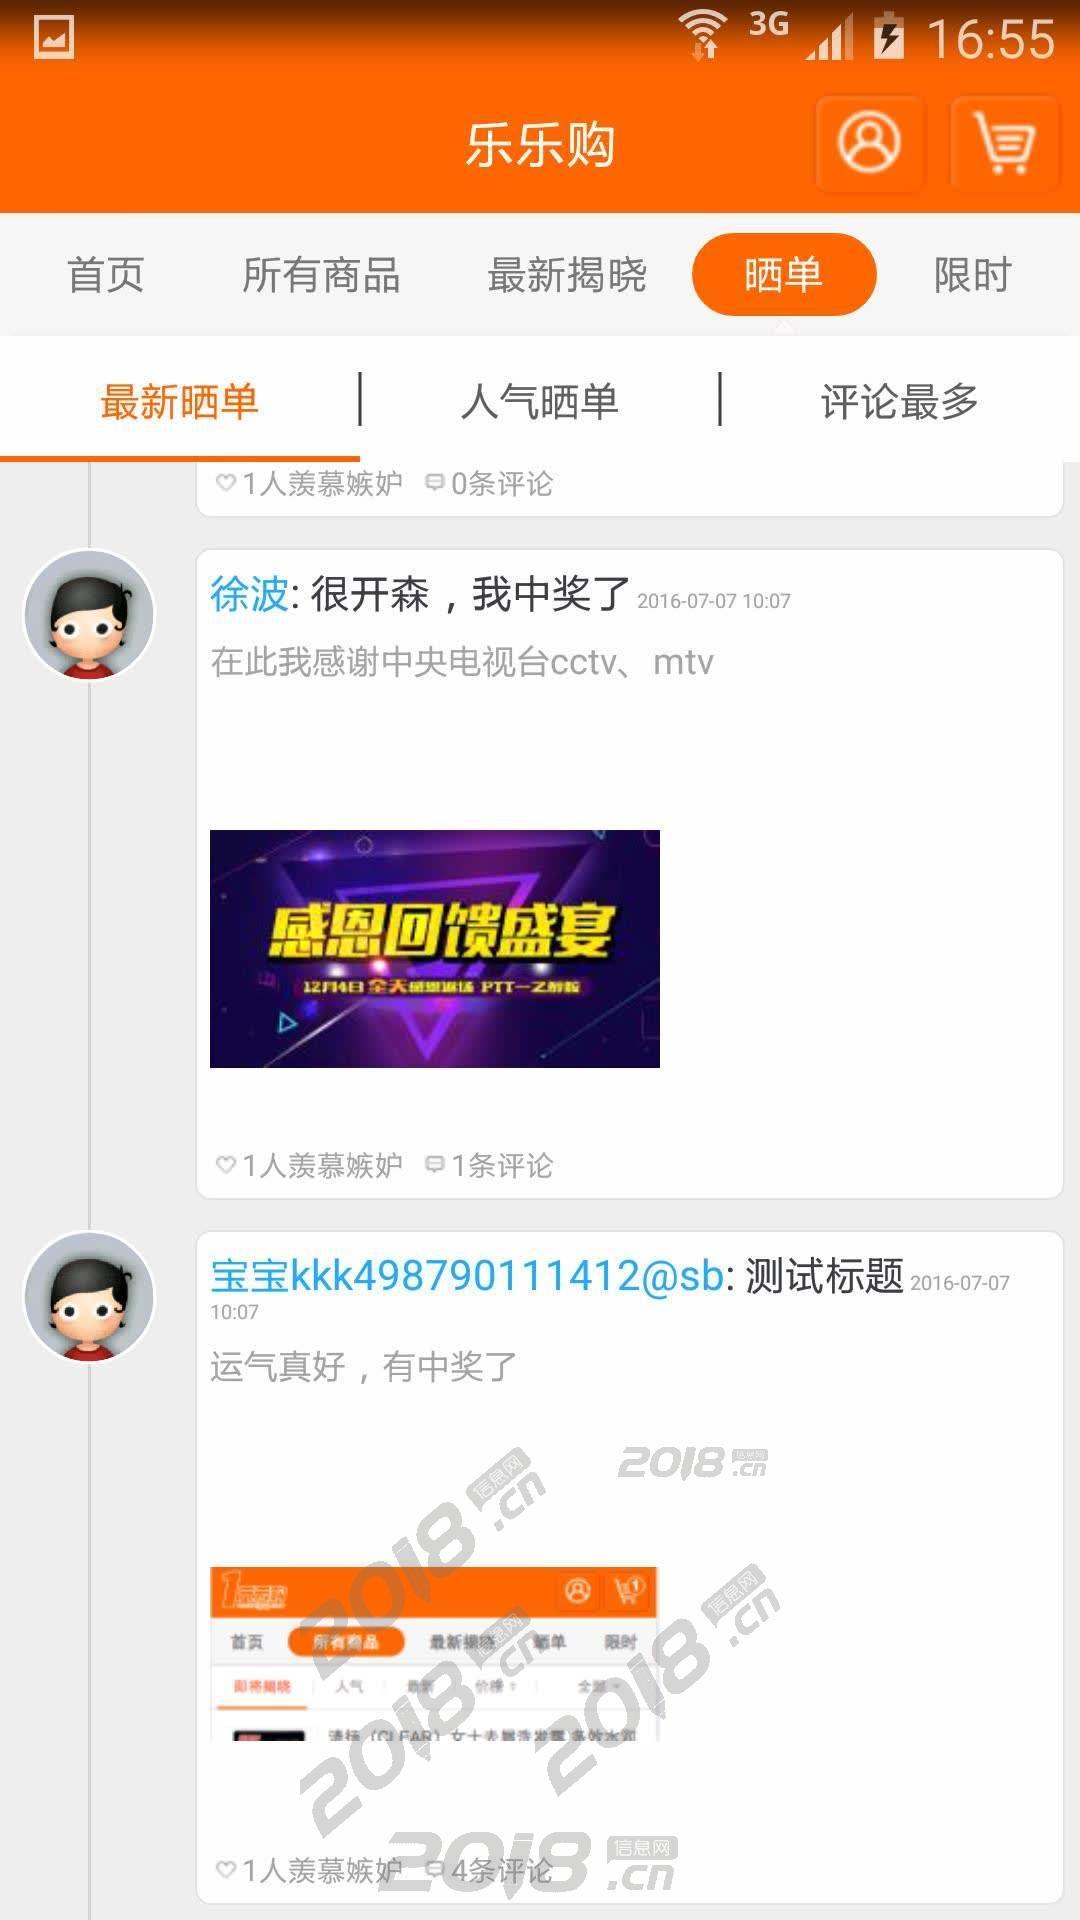 广州乐乐购商城返利小程序系统软件开发